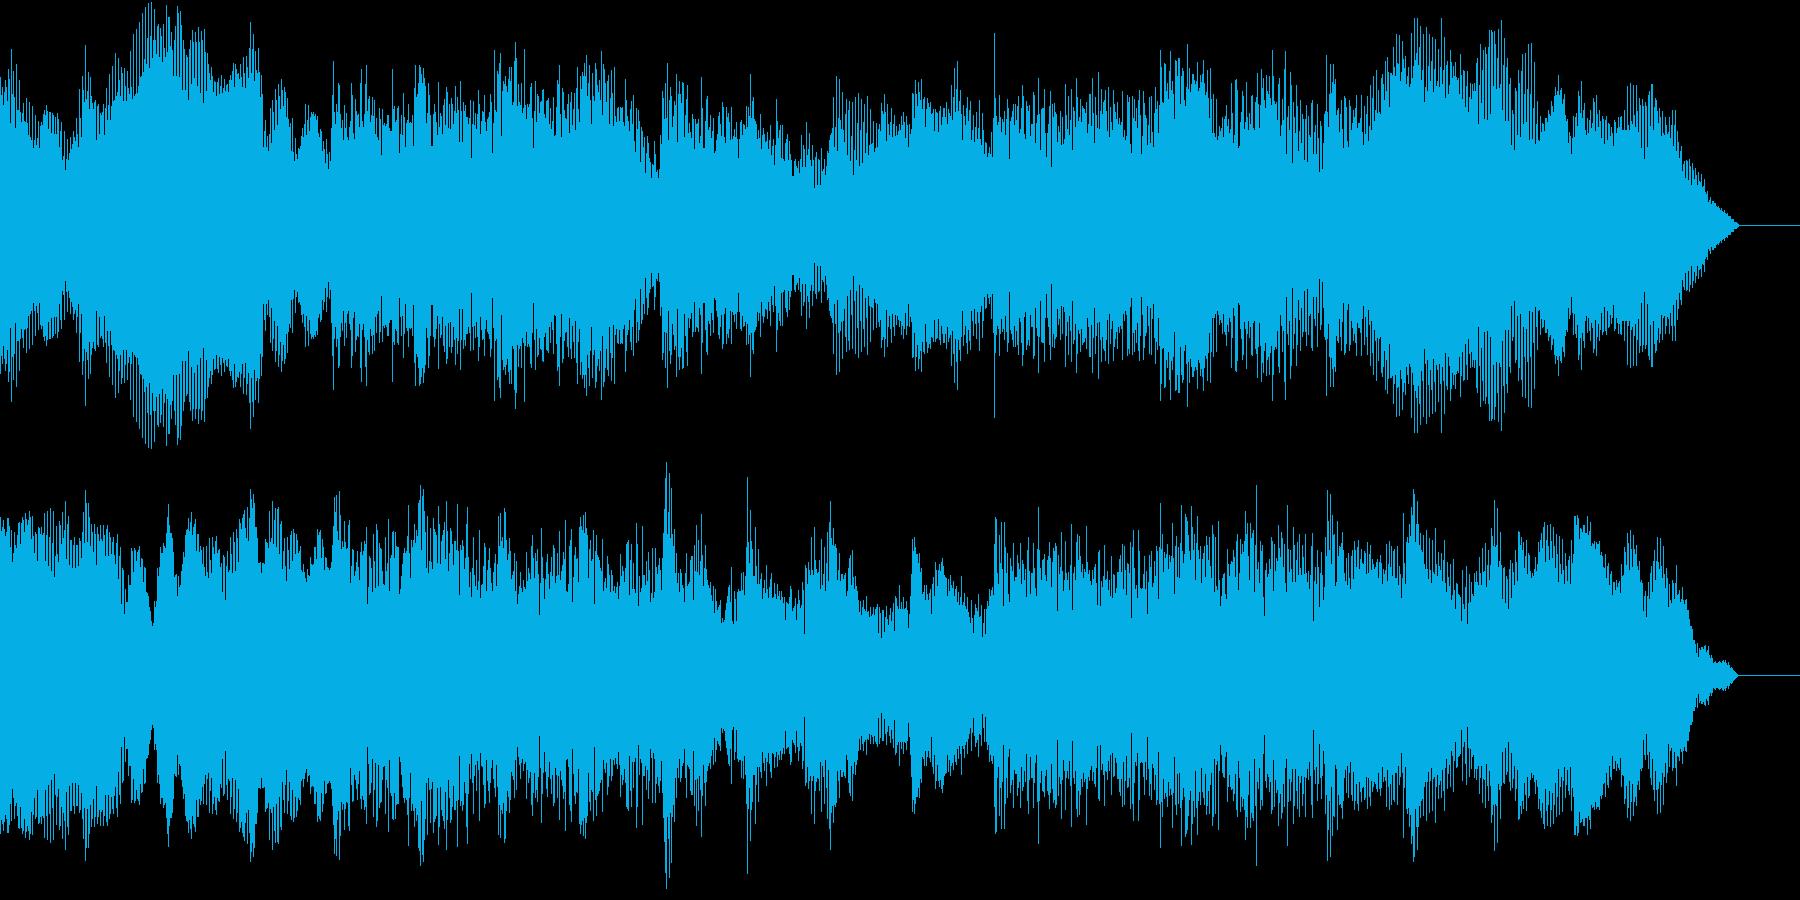 切ない雰囲気のBGMの再生済みの波形